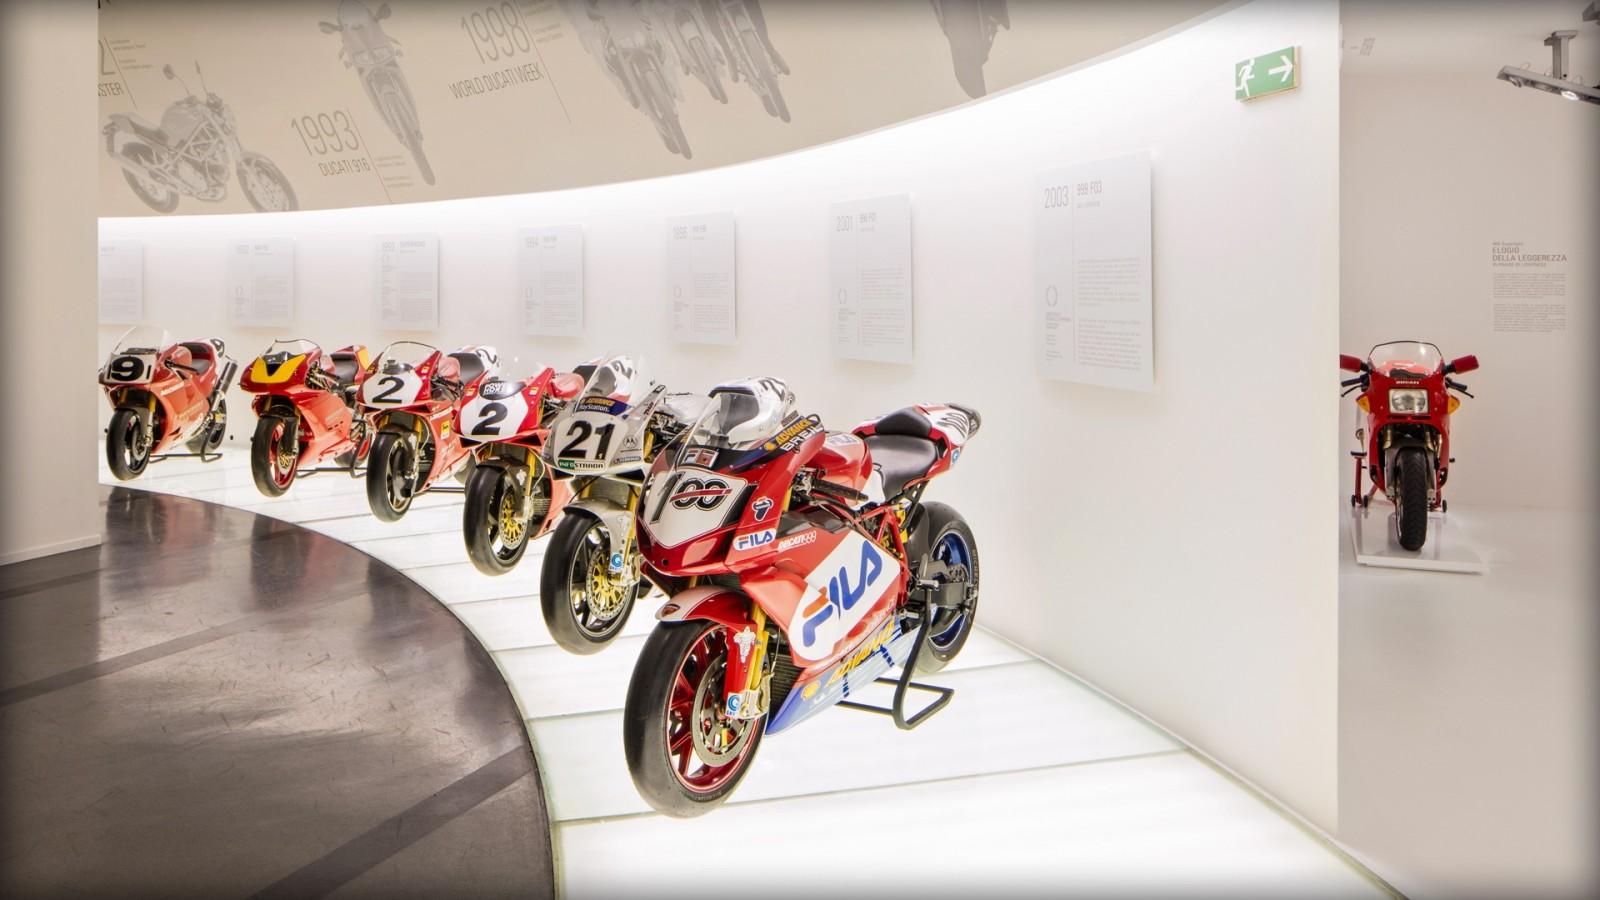 The Ducati Museum in Borgo Panigale